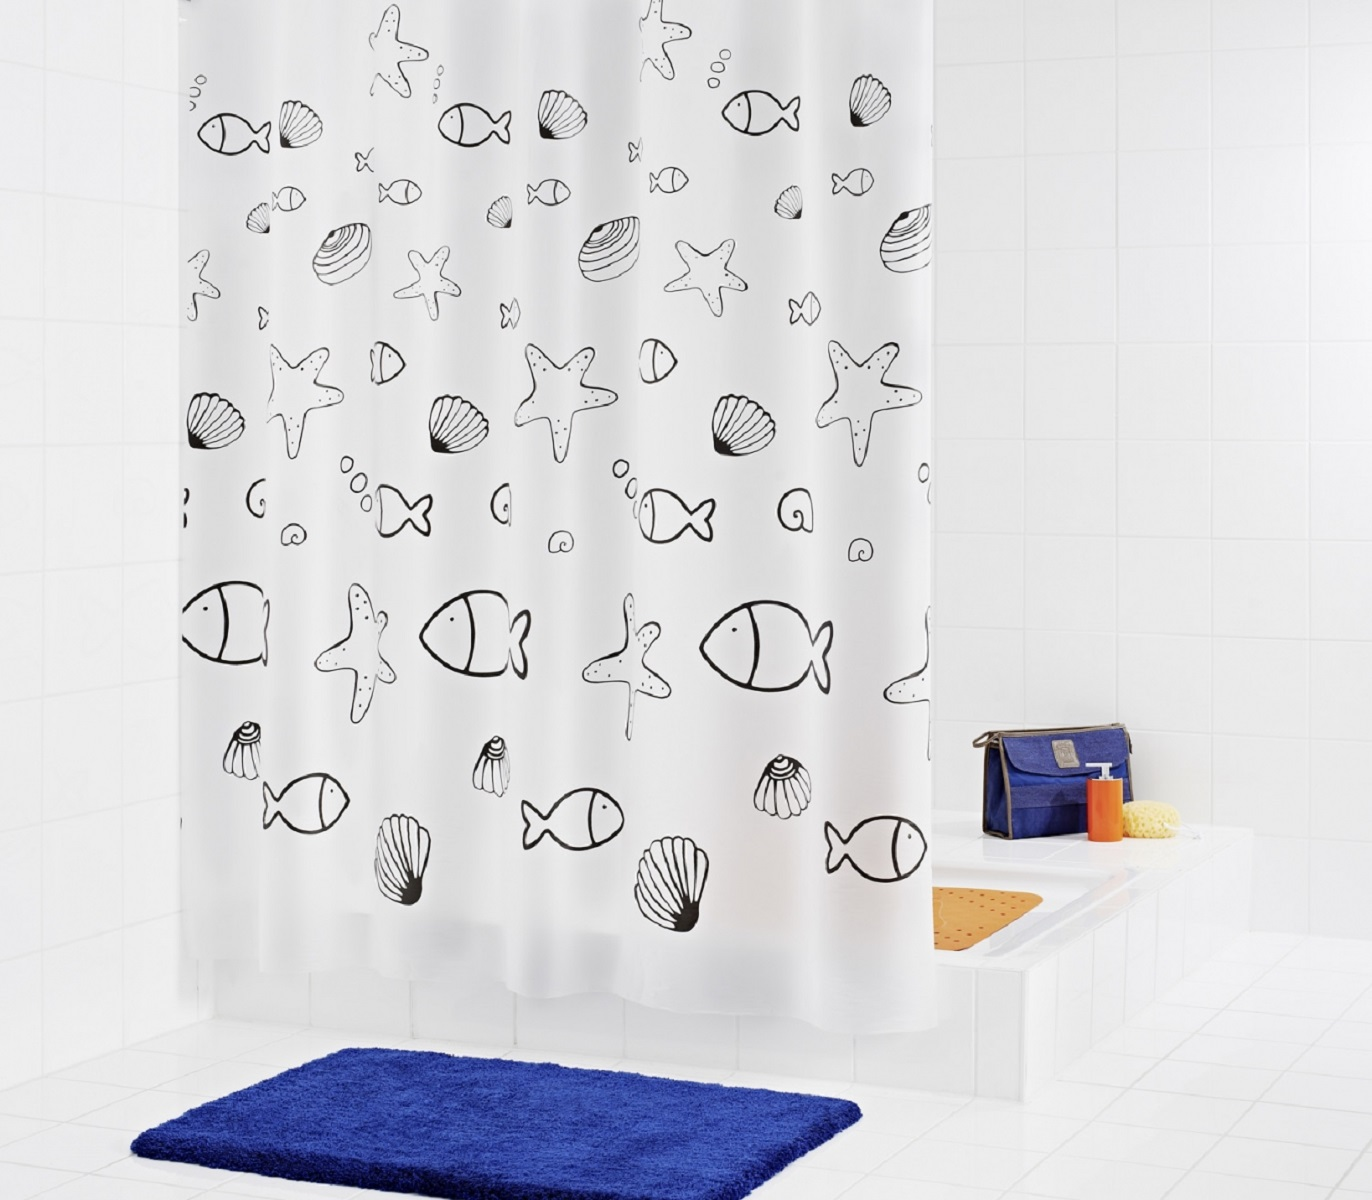 Штора для ванной комнаты Ridder Seashell, 180 х 200 см531-105Высококачественная немецкая штора для душа создает прекрасное настроение.Продукты из эколена не имеют запаха и считаются экологически чистыми.Ручная стирка. Не гладить.